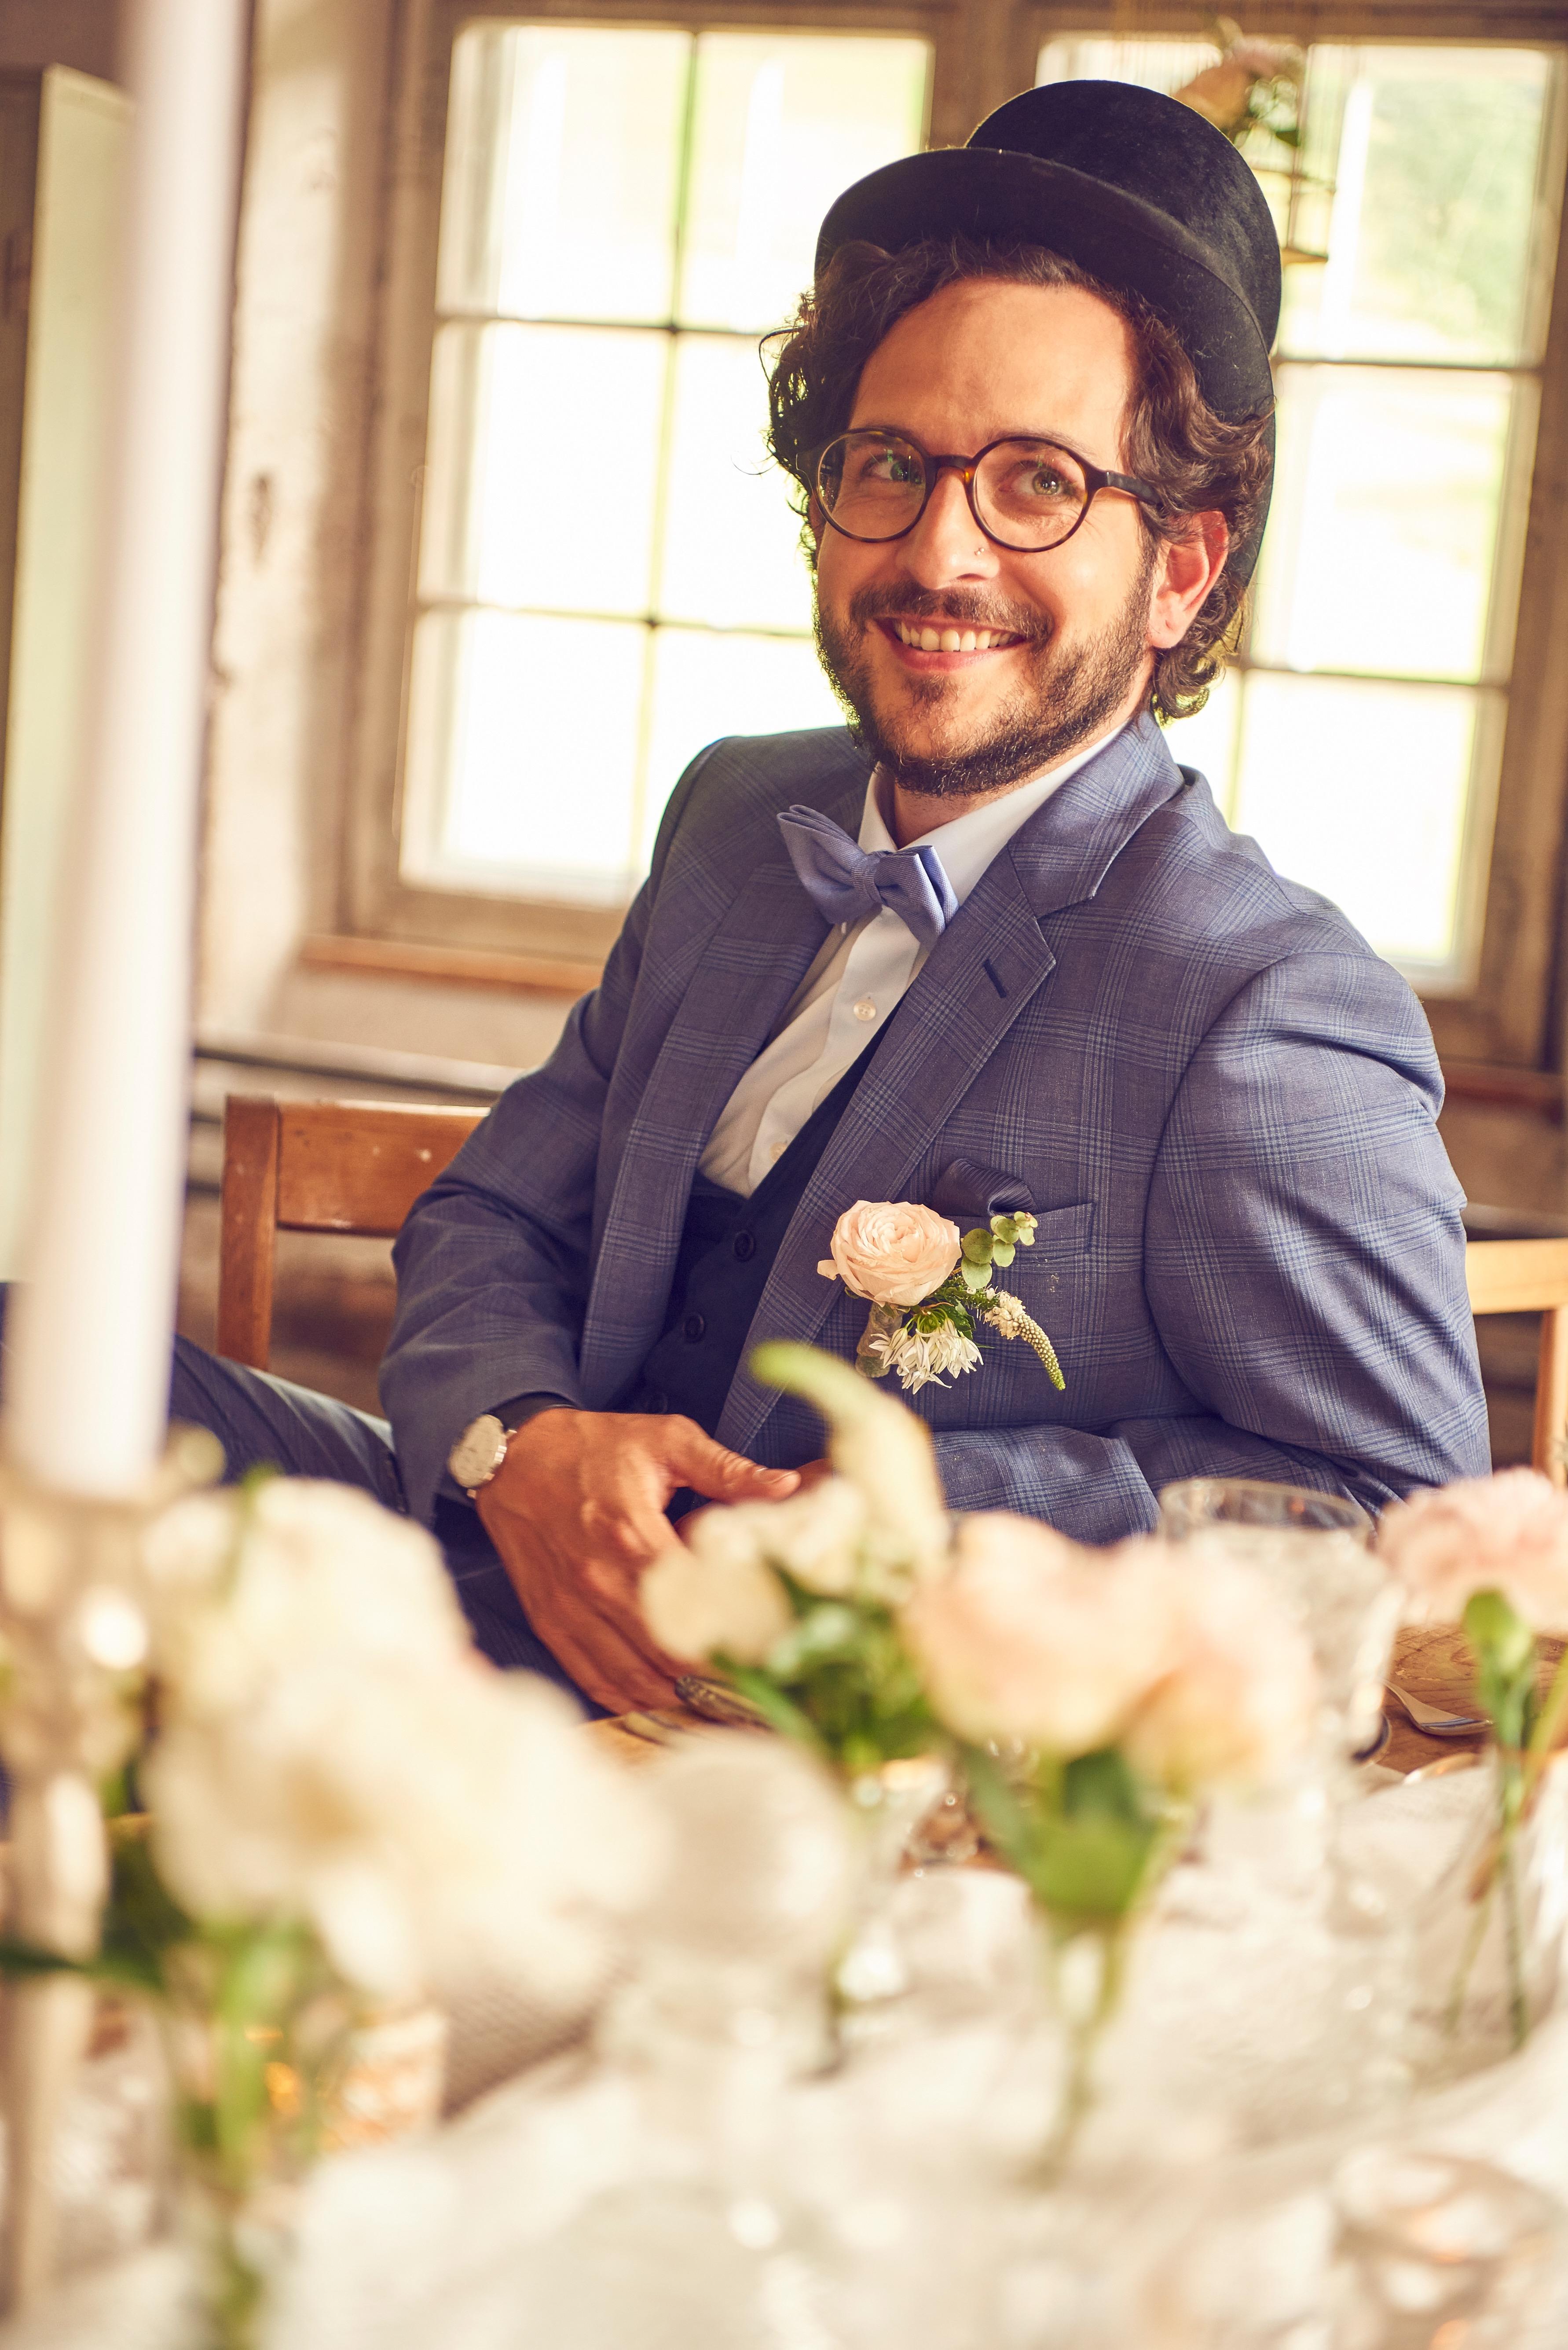 wedding-photography-0089